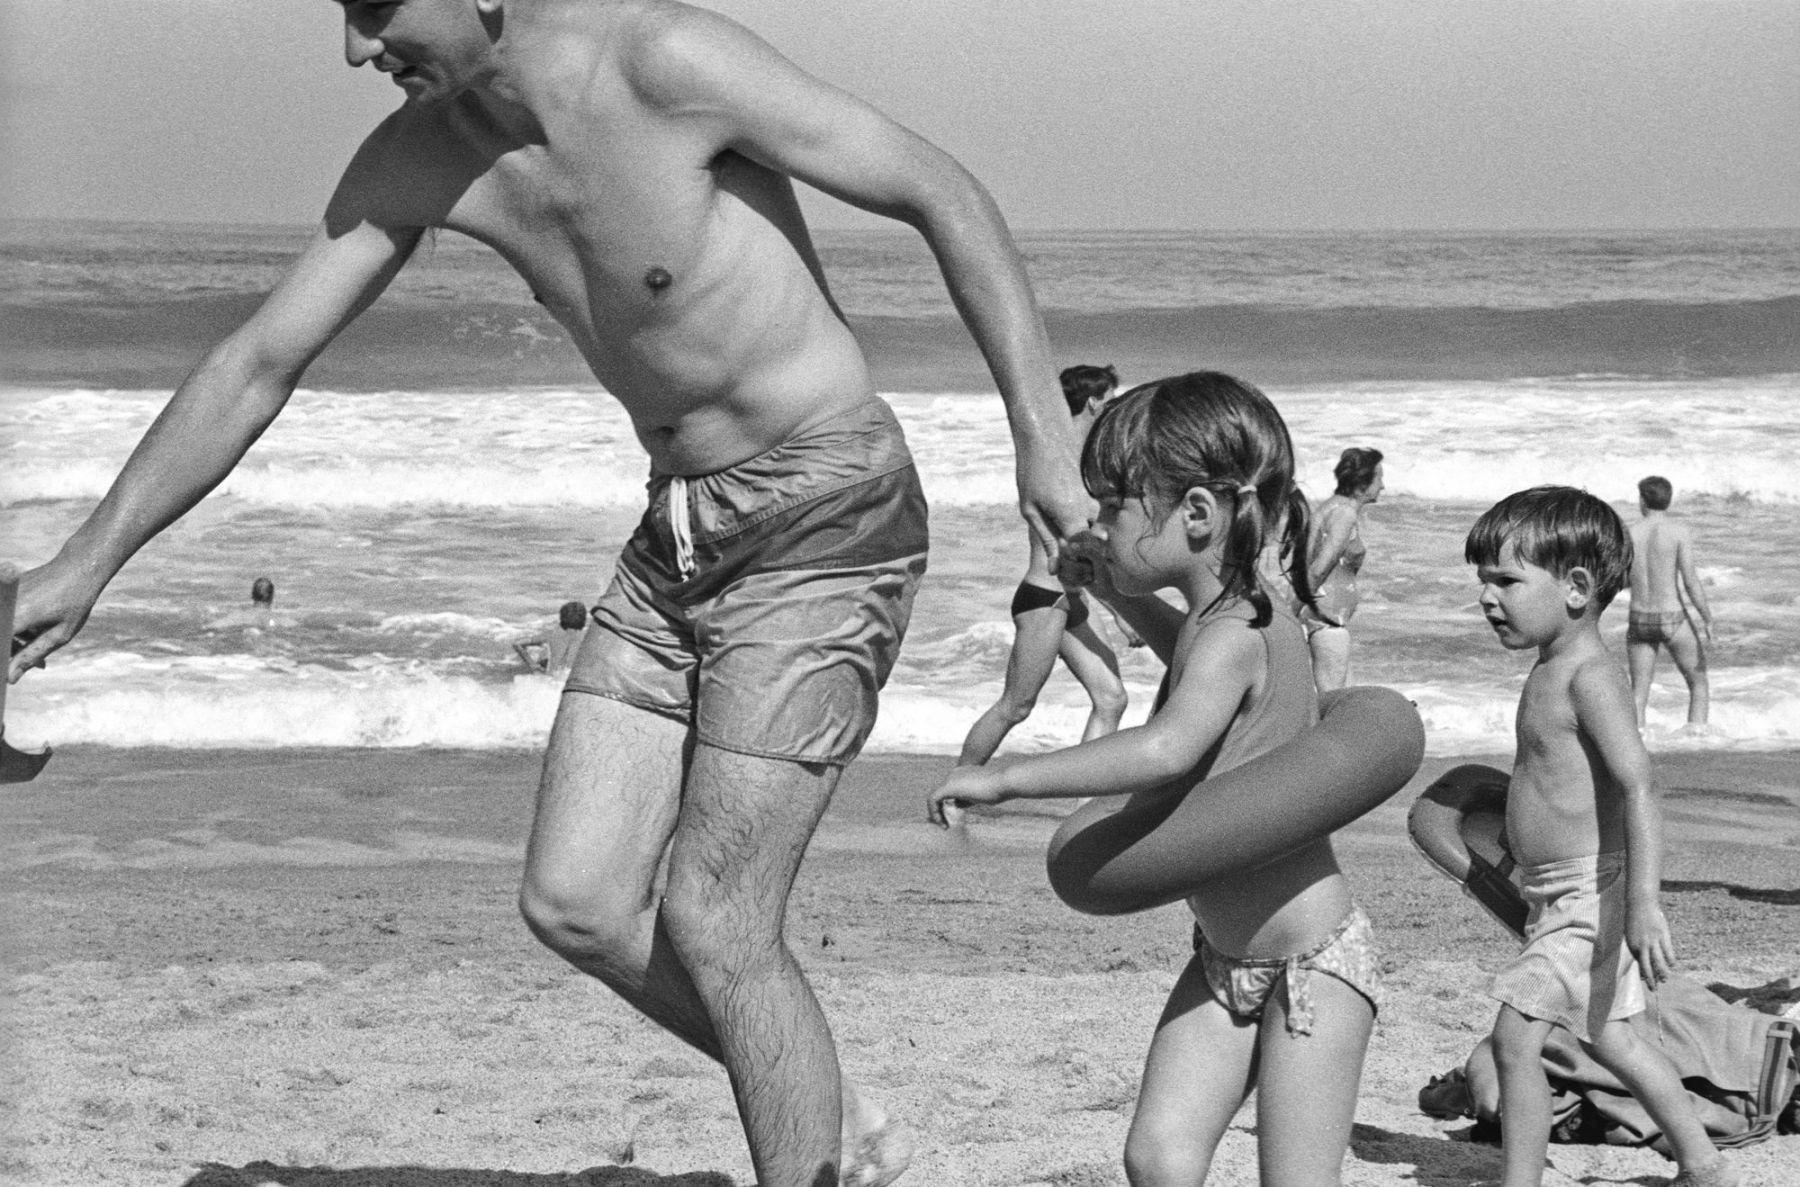 MichelAycaguer-Biarritz-GrandePlage-1988-PointFixe-Leica-9